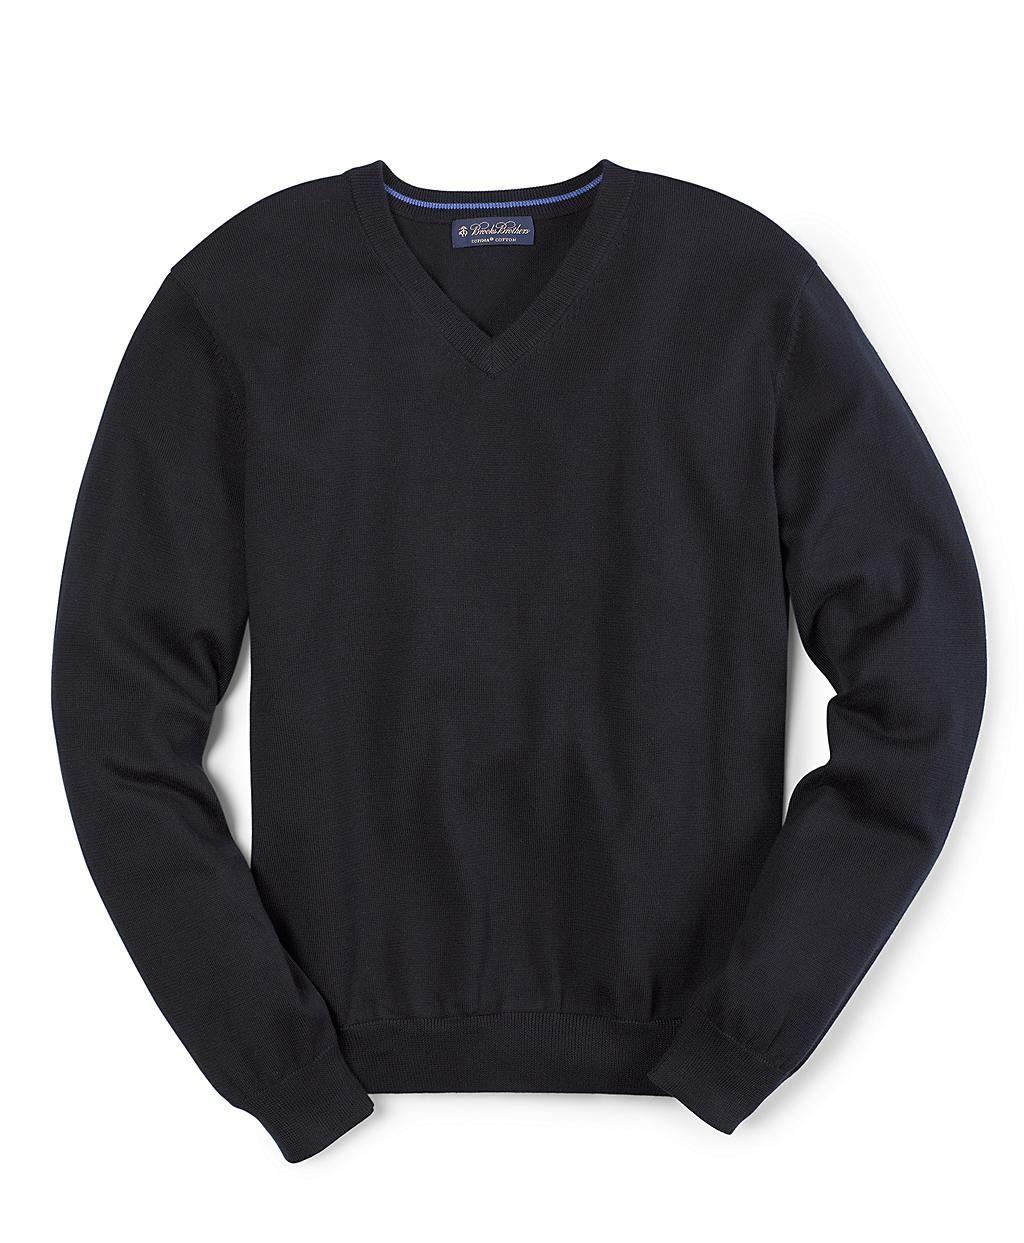 Supima® V-Neck Sweater, $79.50